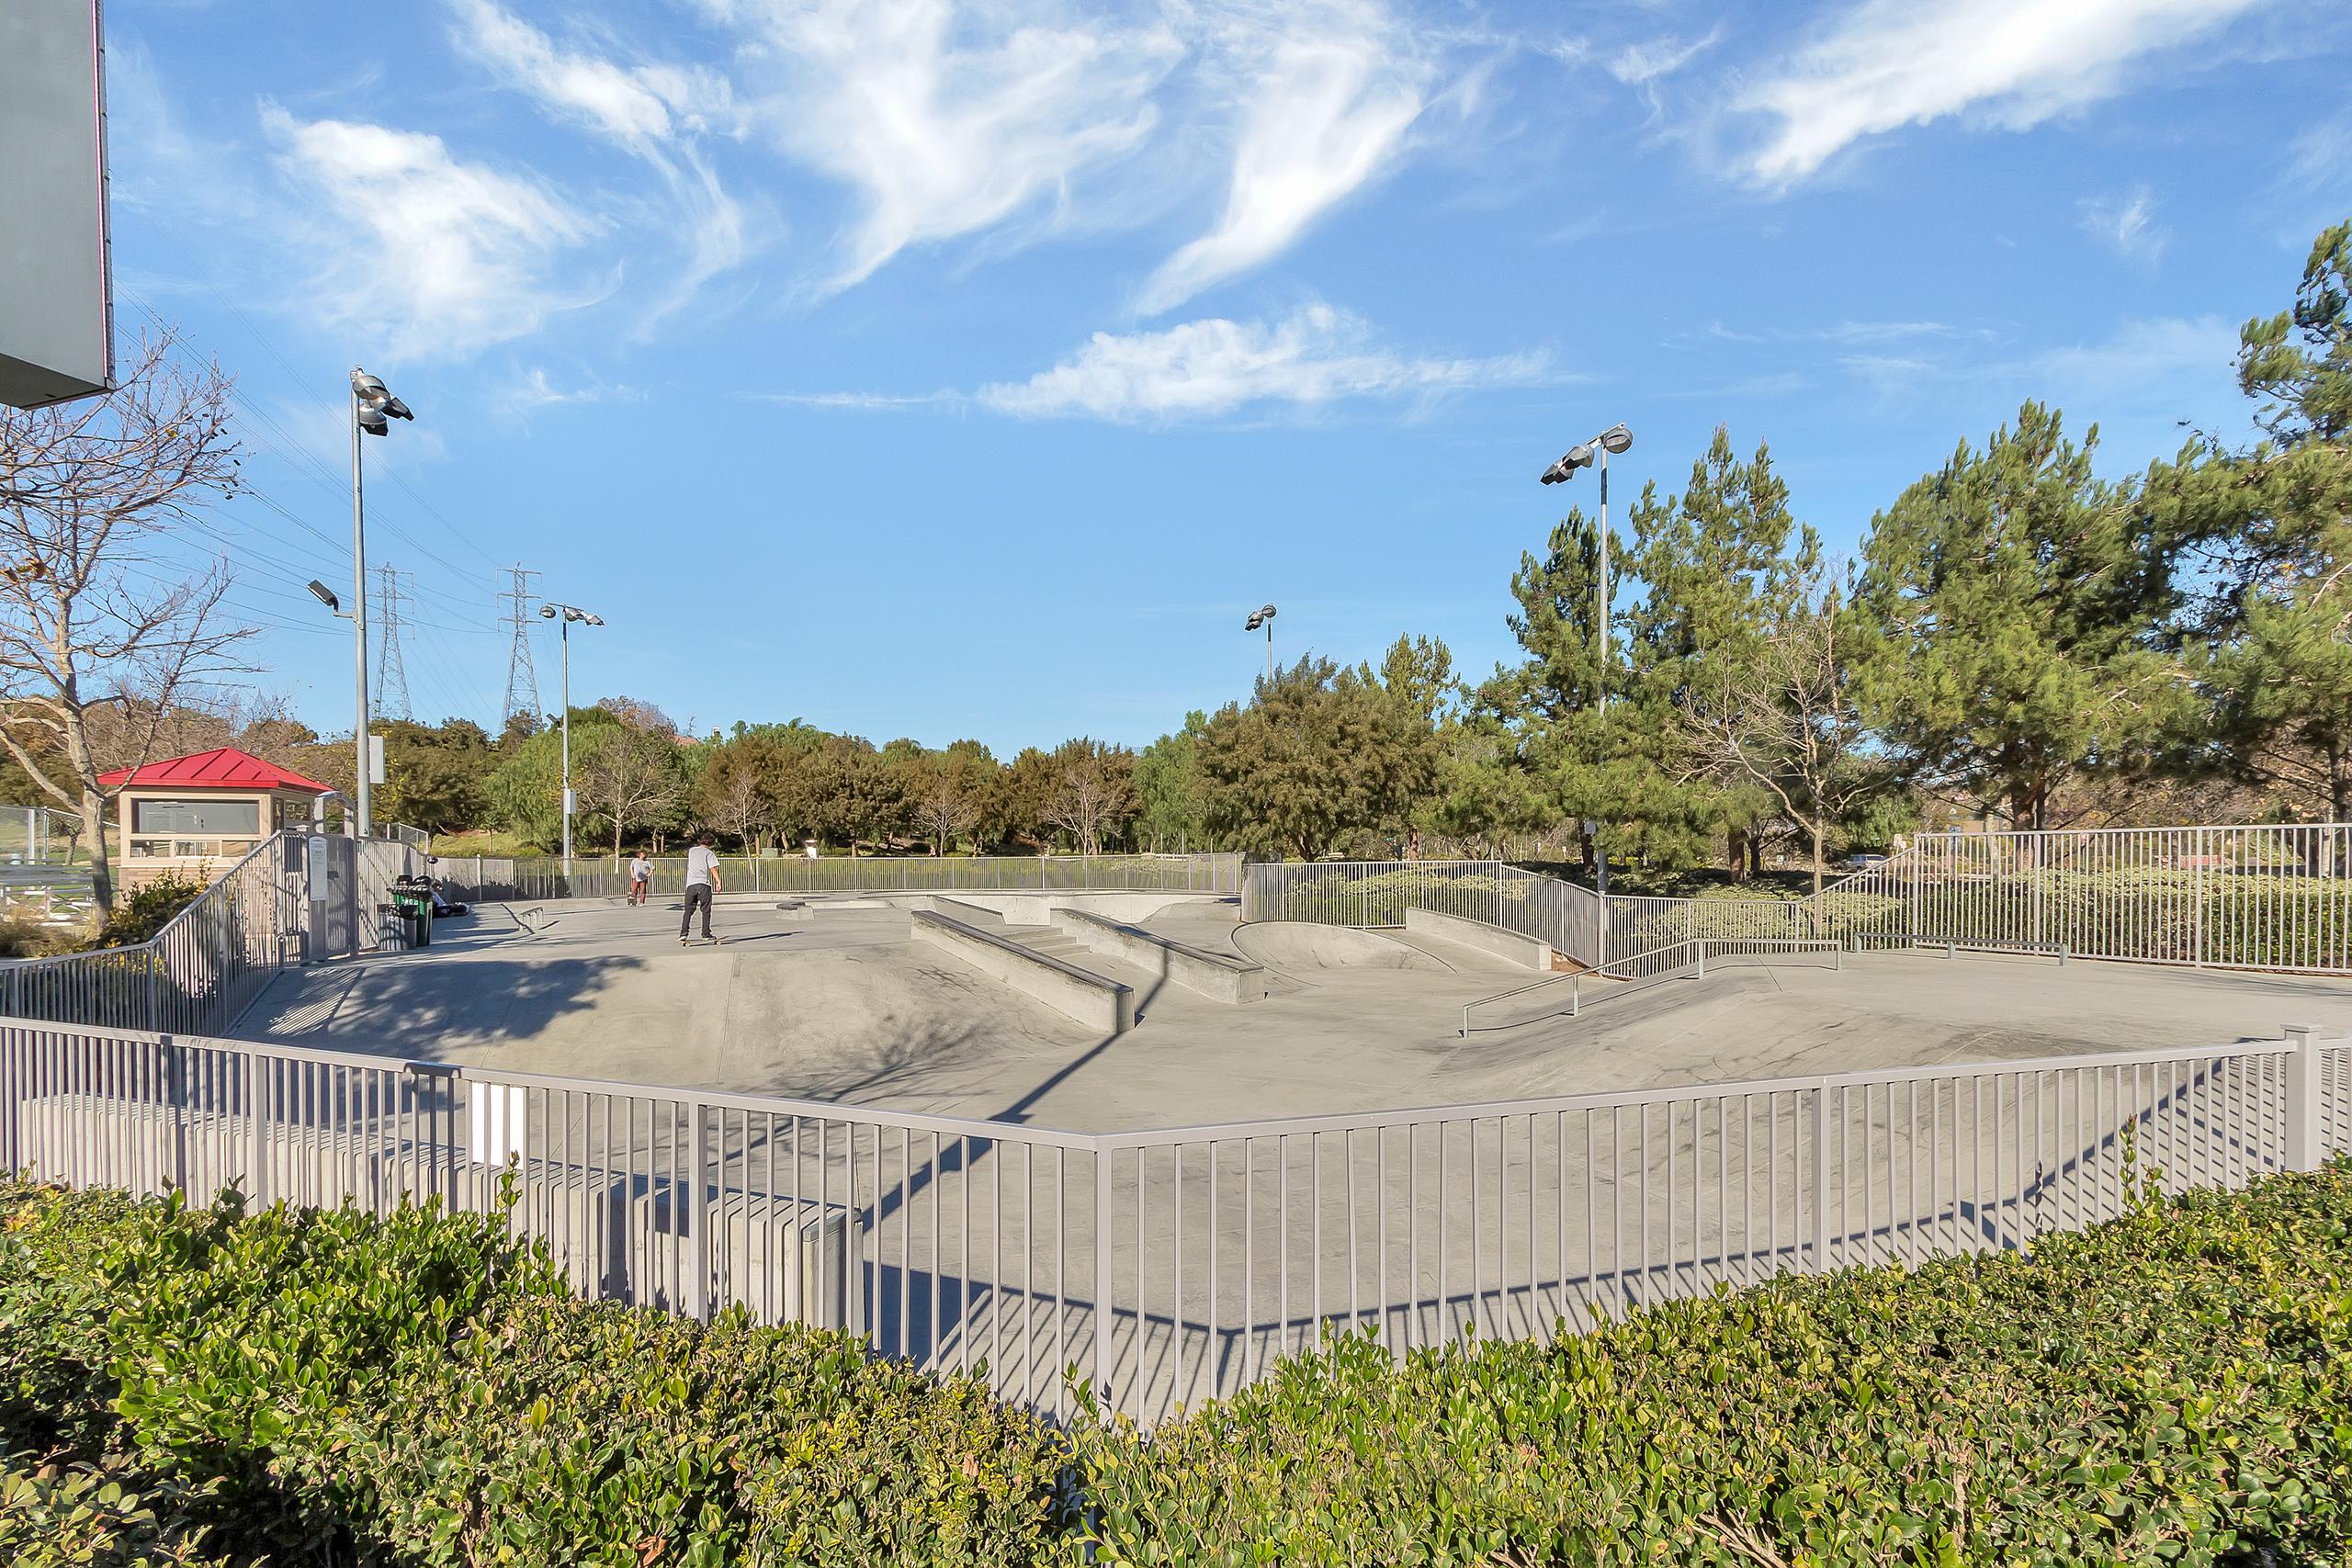 1106723-Ladera_Skate_Park